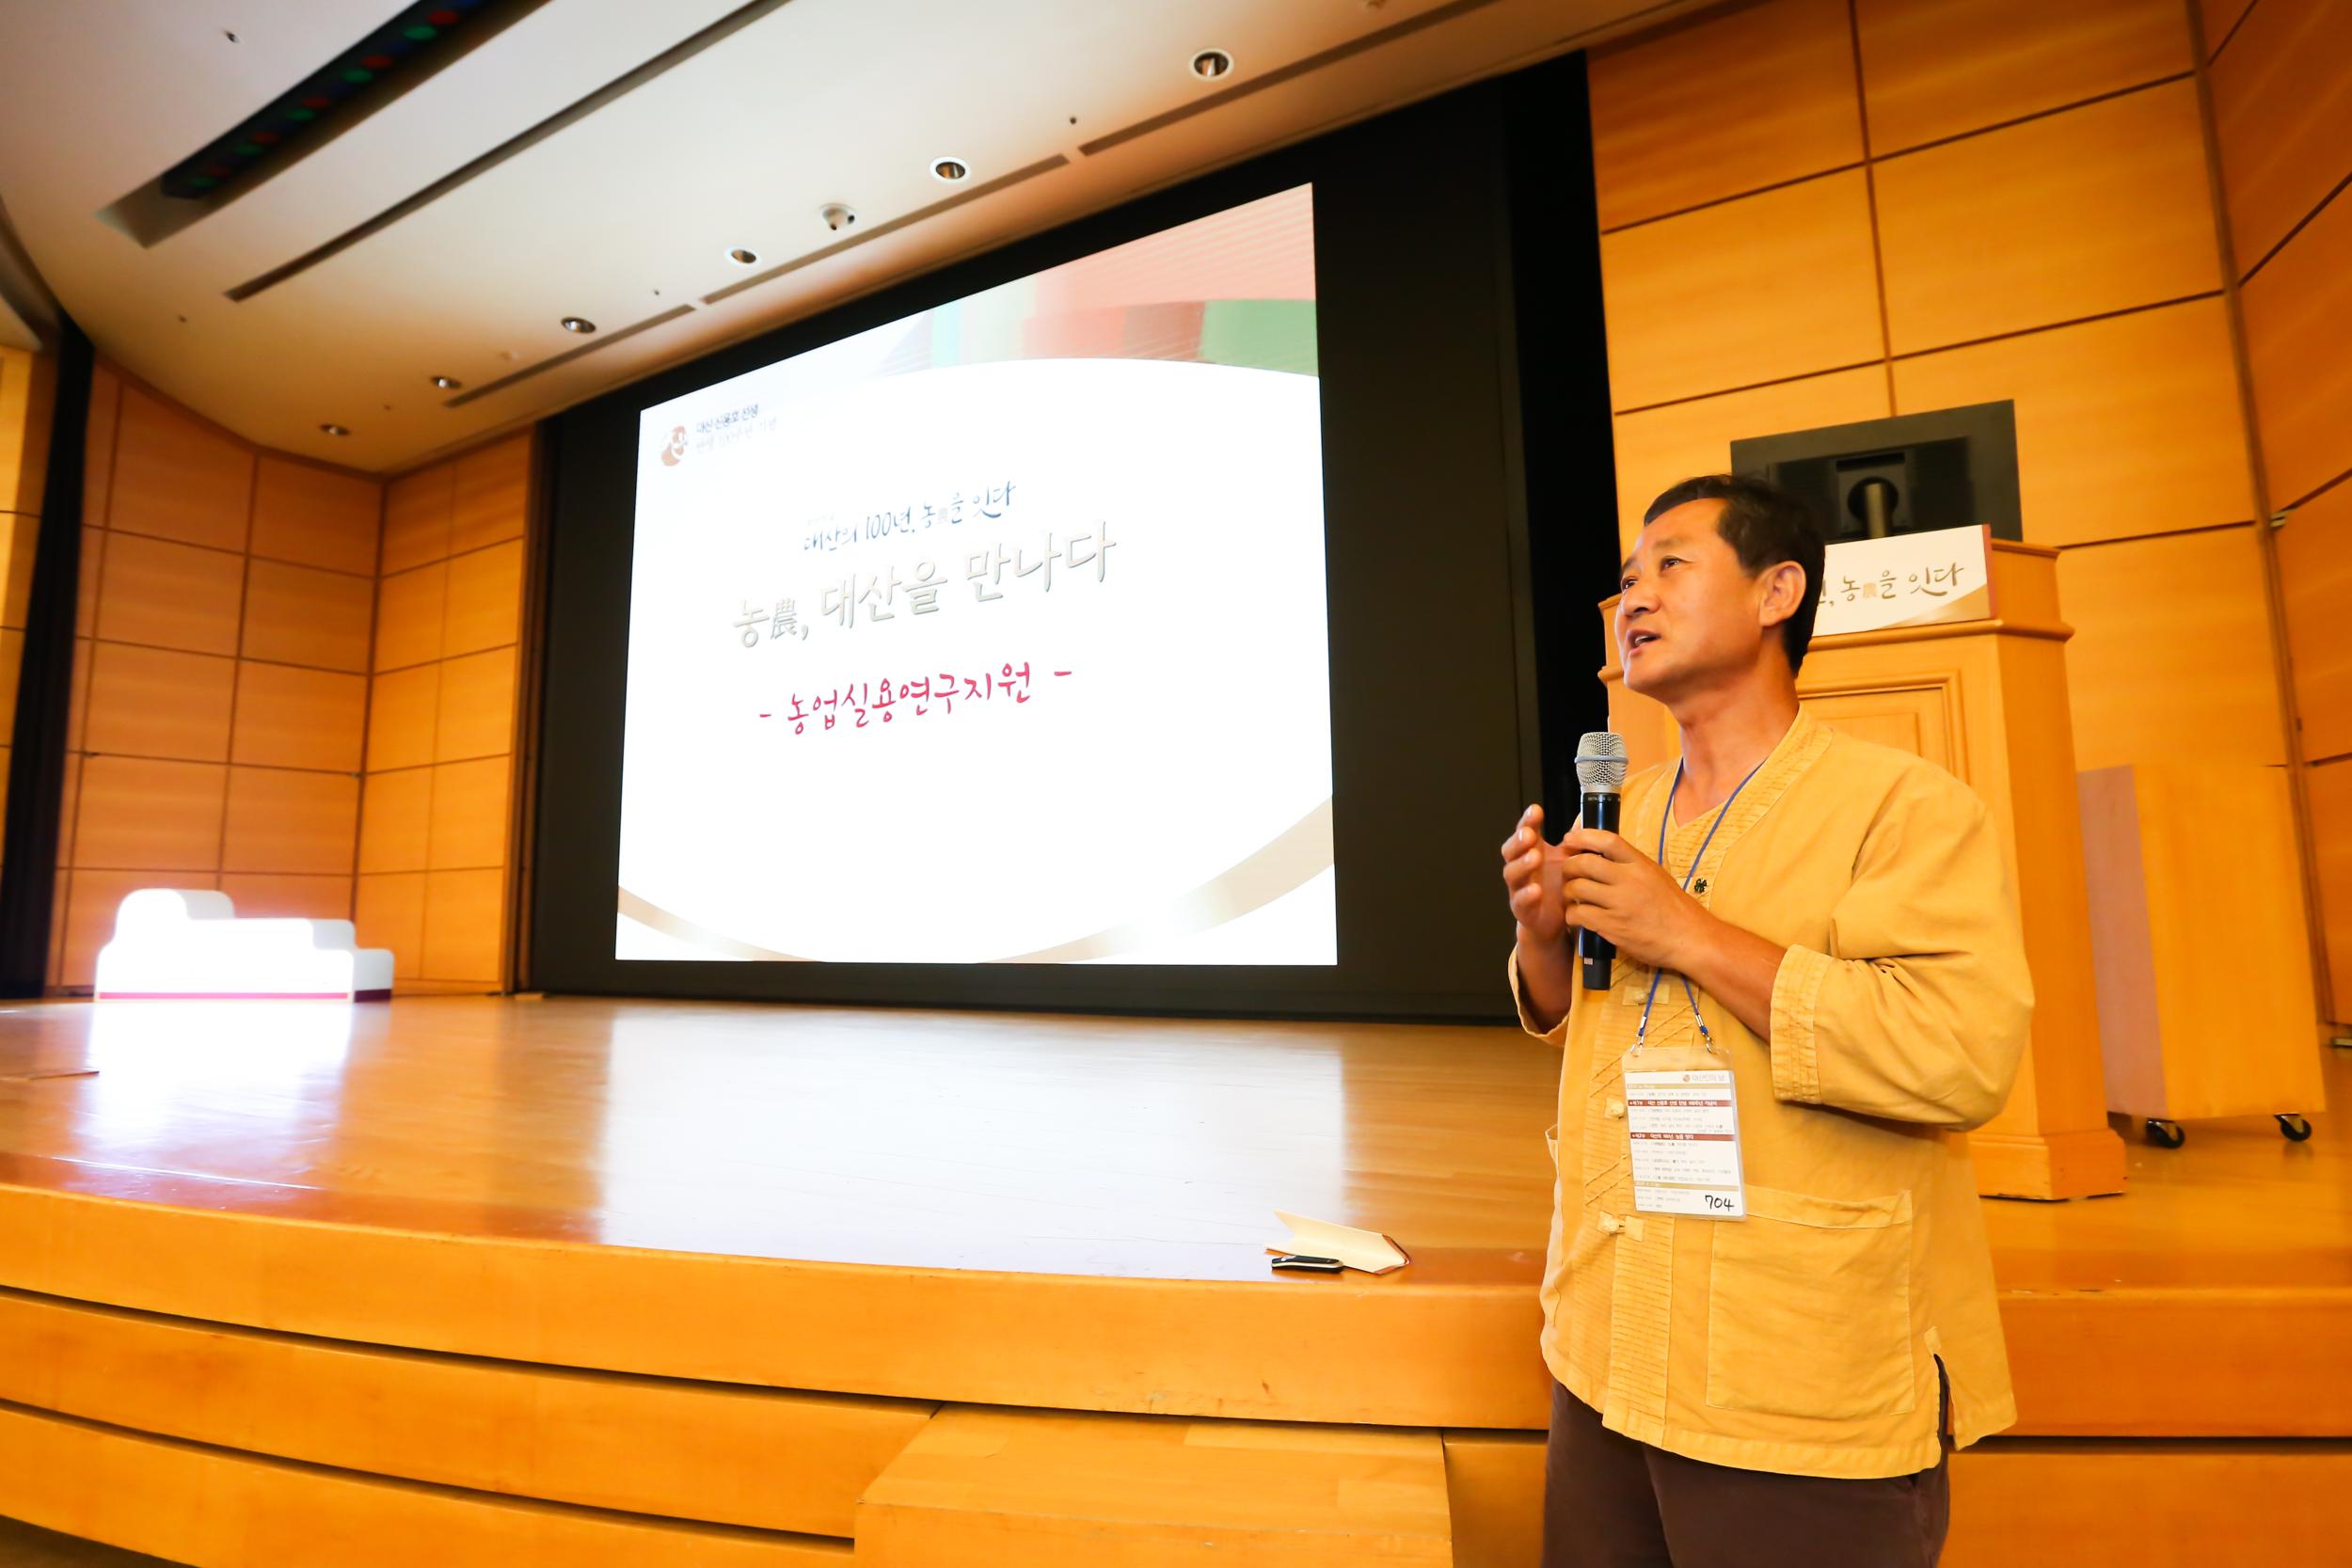 홍성에서 40년째 유기농사를 해온 주형로 정농회 회장은 '자원순환형 저투입 민물어종과 벼의 공생농법 연구 사례'로 인력을 절감하고 유기농 쌀 농업의 부가가치를 높이는 방안을 발표했다.